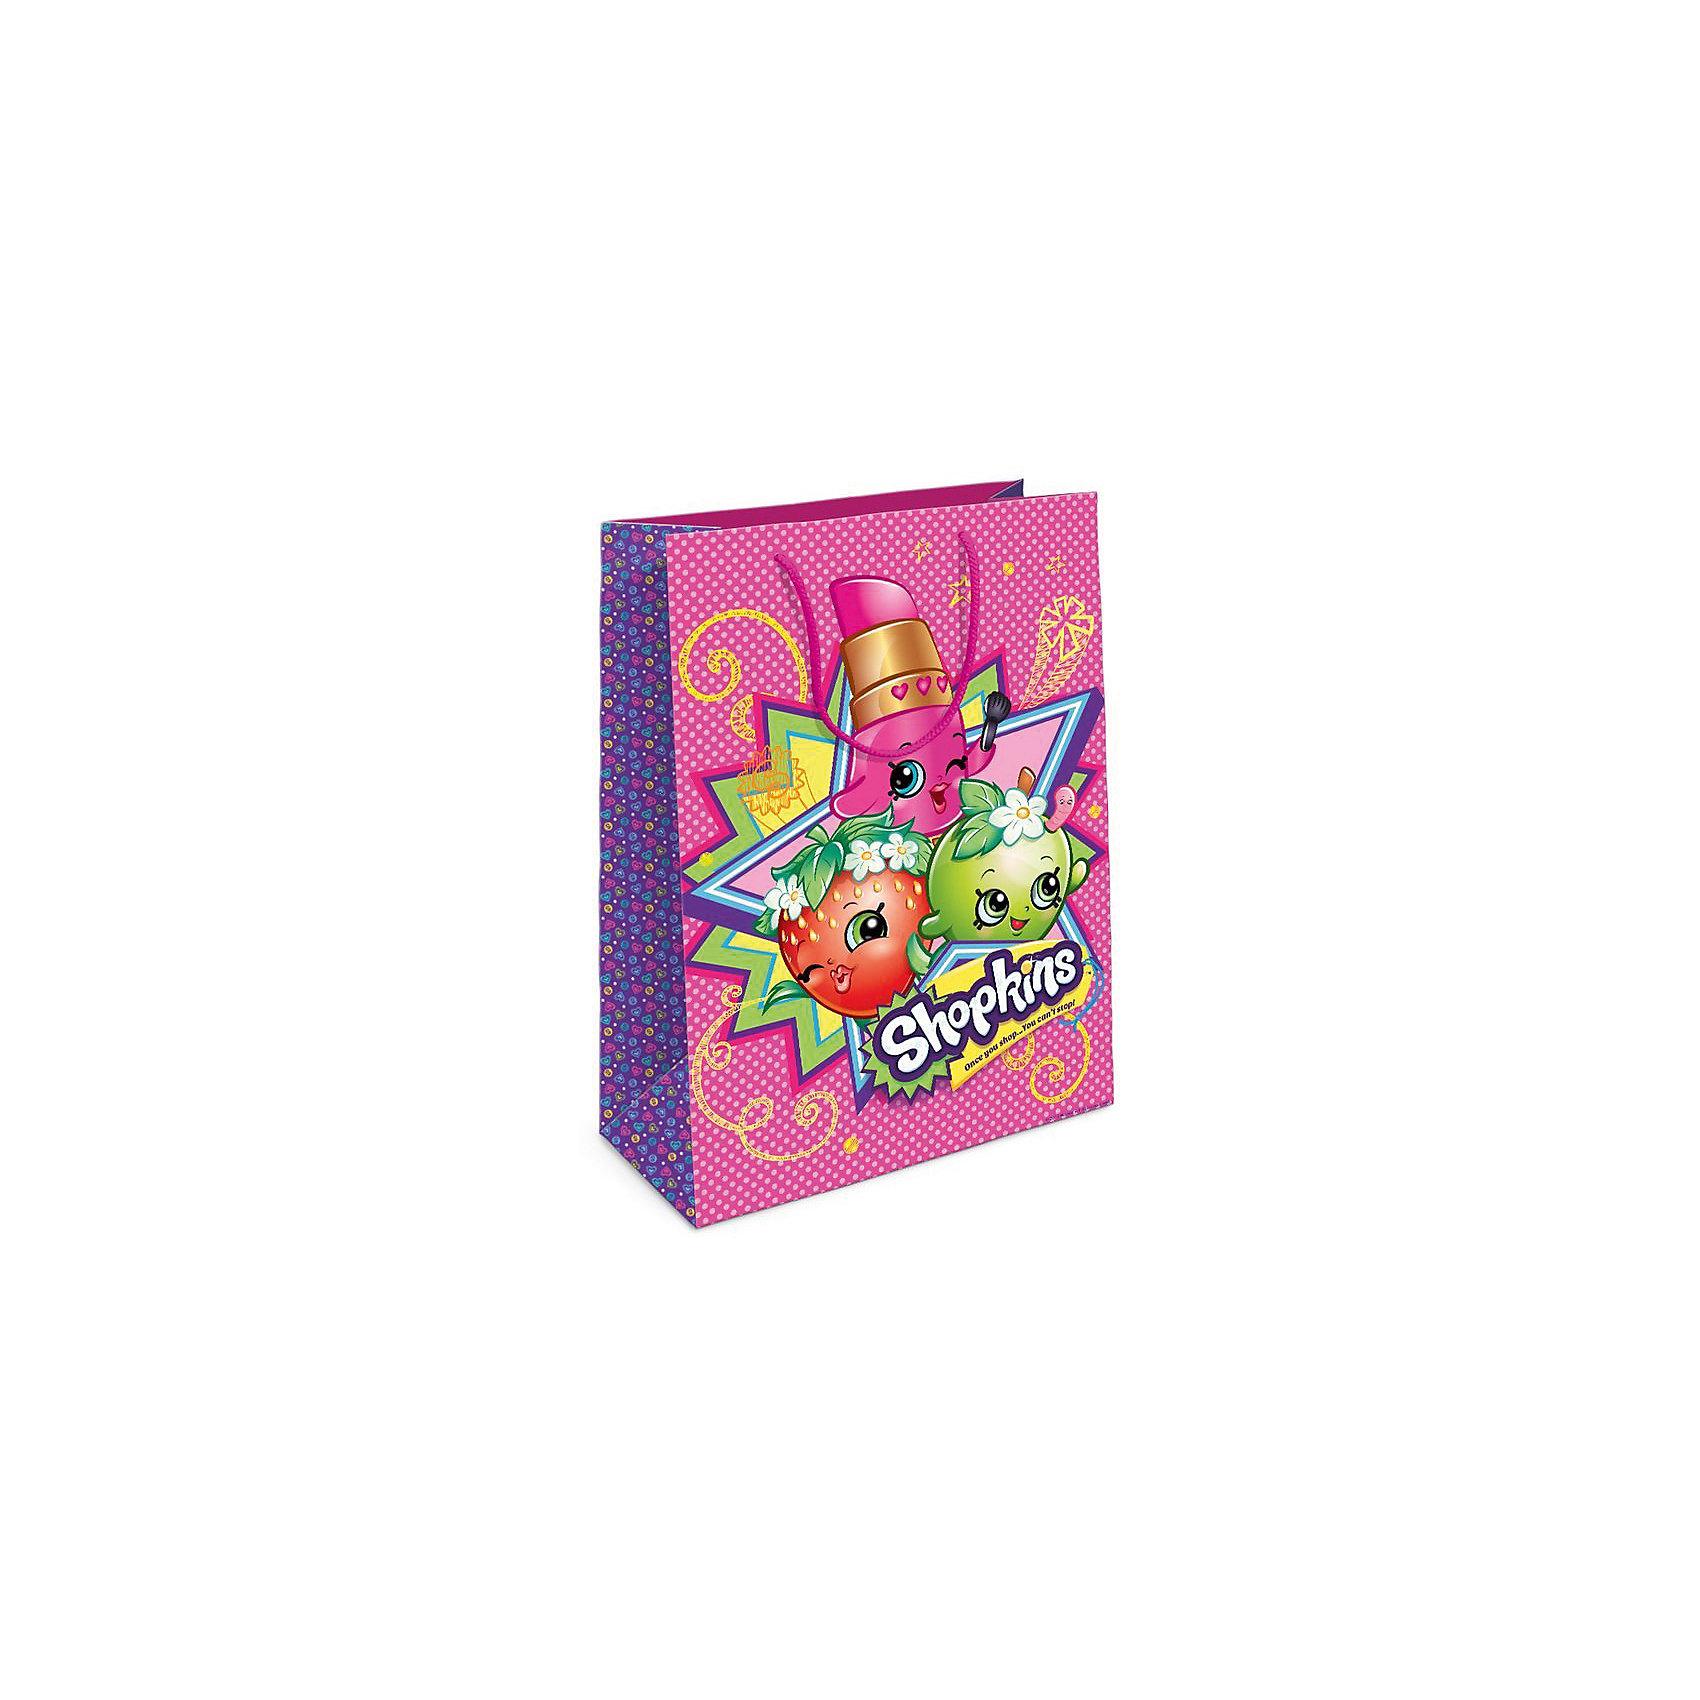 Пакет подарочный, 350*250*90, ShopkinsВсё для праздника<br>Подарочный бумажный пакет Шопкинс стильно и эффектно украсит ваш подарок. Размер: 35х25х9 см. В ассортименте вы сможете найти такой же пакет размером 23х18х10 см.<br><br>Ширина мм: 350<br>Глубина мм: 250<br>Высота мм: 50<br>Вес г: 61<br>Возраст от месяцев: 36<br>Возраст до месяцев: 2147483647<br>Пол: Унисекс<br>Возраст: Детский<br>SKU: 5453490